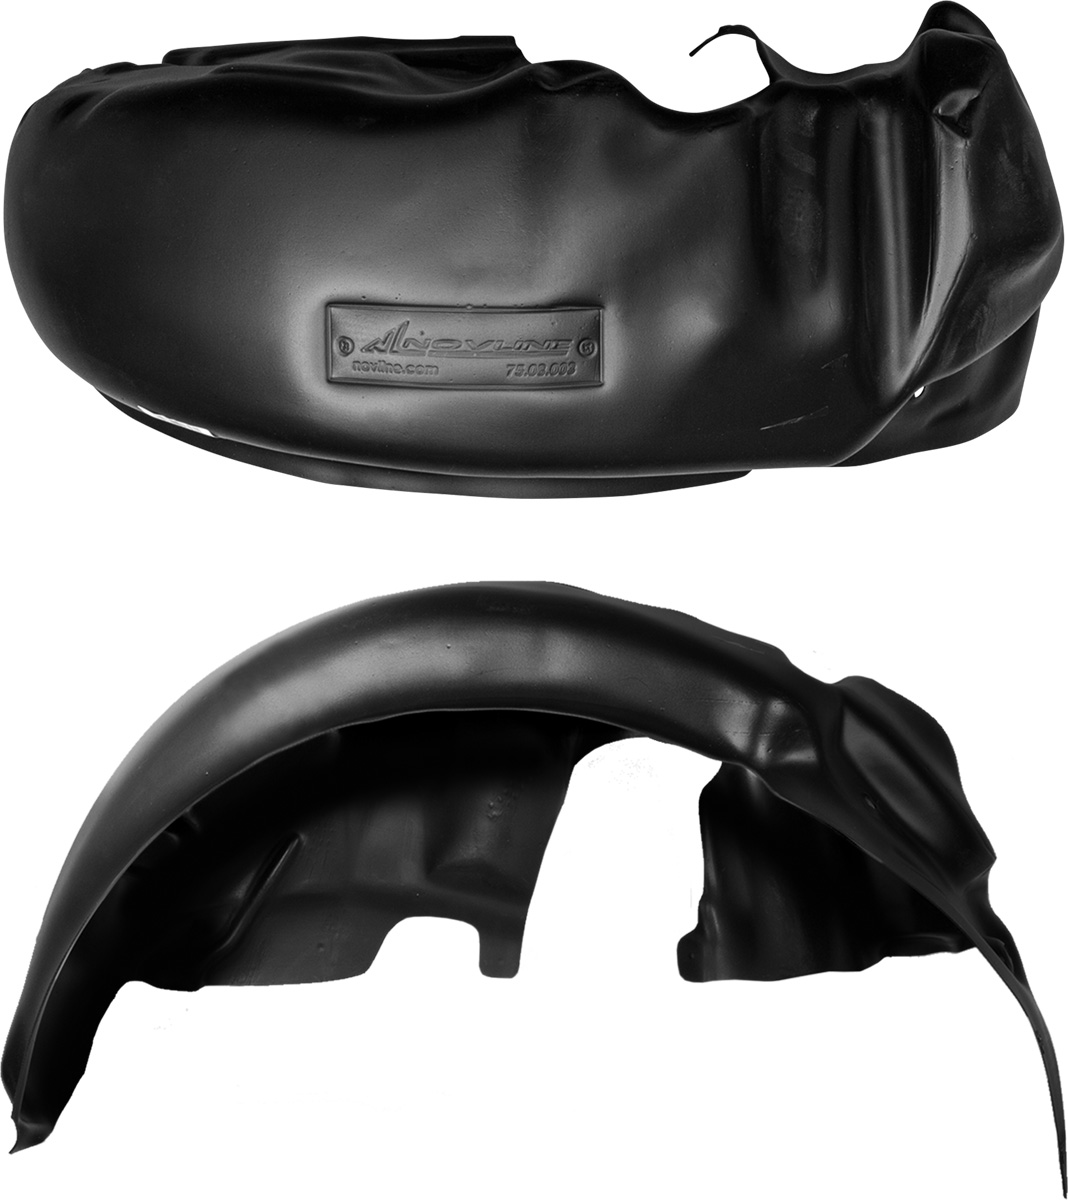 Подкрылок Novline-Autofamily, для Toyota Camry, 07/2006-2011, задний правыйCA-3505Колесные ниши - одни из самых уязвимых зон днища вашего автомобиля. Они постоянно подвергаются воздействию со стороны дороги. Лучшая, почти абсолютная защита для них - специально отформованные пластиковые кожухи, которые называются подкрылками. Производятся они как для отечественных моделей автомобилей, так и для иномарок. Подкрылки Novline-Autofamily выполнены из высококачественного, экологически чистого пластика. Обеспечивают надежную защиту кузова автомобиля от пескоструйного эффекта и негативного влияния, агрессивных антигололедных реагентов. Пластик обладает более низкой теплопроводностью, чем металл, поэтому в зимний период эксплуатации использование пластиковых подкрылков позволяет лучше защитить колесные ниши от налипания снега и образования наледи. Оригинальность конструкции подчеркивает элегантность автомобиля, бережно защищает нанесенное на днище кузова антикоррозийное покрытие и позволяет осуществить крепление подкрылков внутри колесной арки практически без дополнительного крепежа и сверления, не нарушая при этом лакокрасочного покрытия, что предотвращает возникновение новых очагов коррозии. Подкрылки долговечны, обладают высокой прочностью и сохраняют заданную форму, а также все свои физико-механические характеристики в самых тяжелых климатических условиях (от -50°С до +50°С).Уважаемые клиенты!Обращаем ваше внимание, на тот факт, что подкрылок имеет форму, соответствующую модели данного автомобиля. Фото служит для визуального восприятия товара.